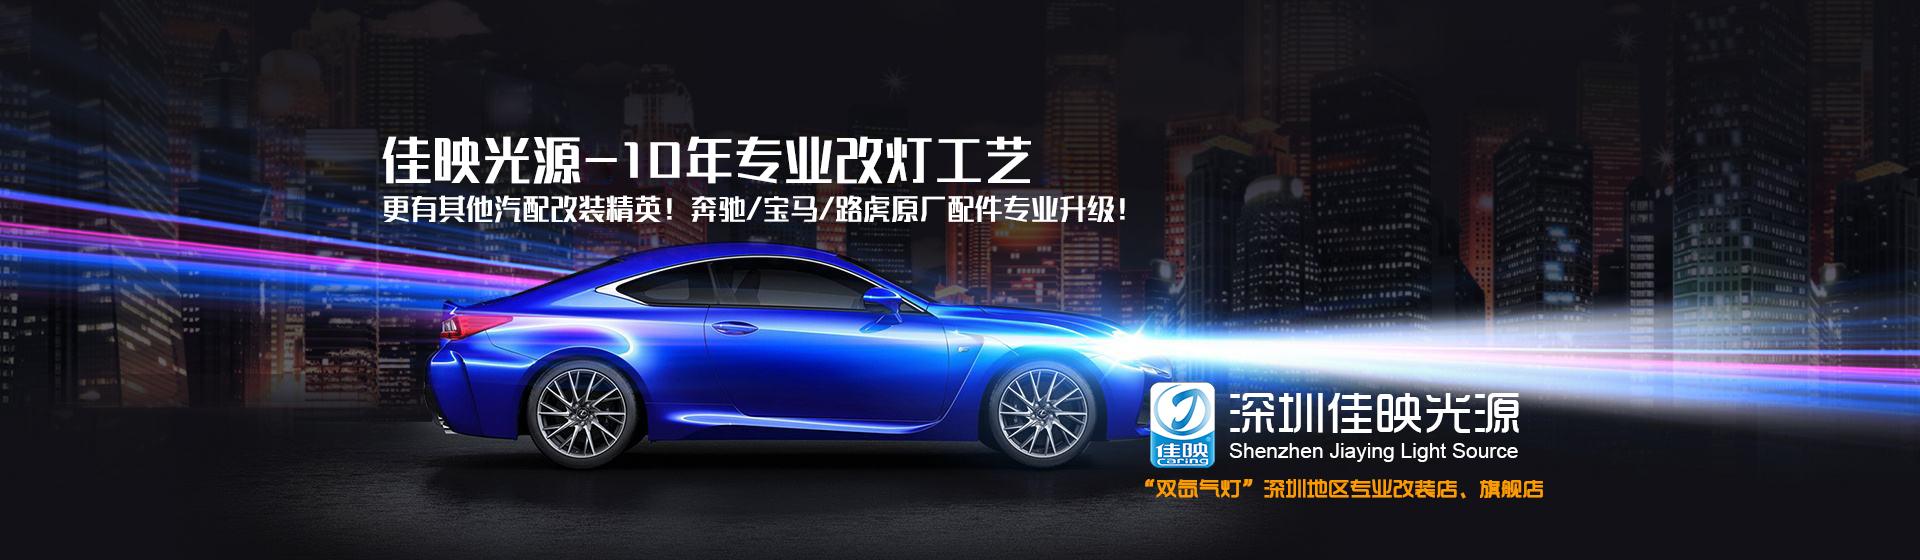 深圳车灯升级